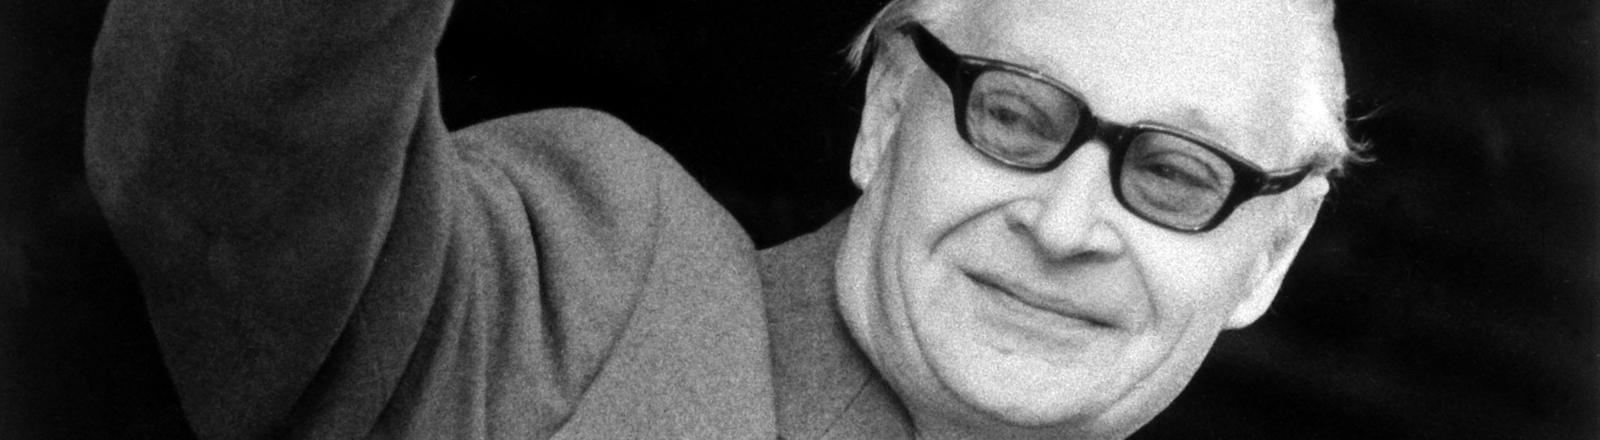 Der Reformpolitiker und ehemalige Erste Sekretär des Zentralkomitees der KPC, Alexander Dubcek, wurde nach der Samtenen Revolution zum ersten Parlamentspräsidenten 1989 gewählt.